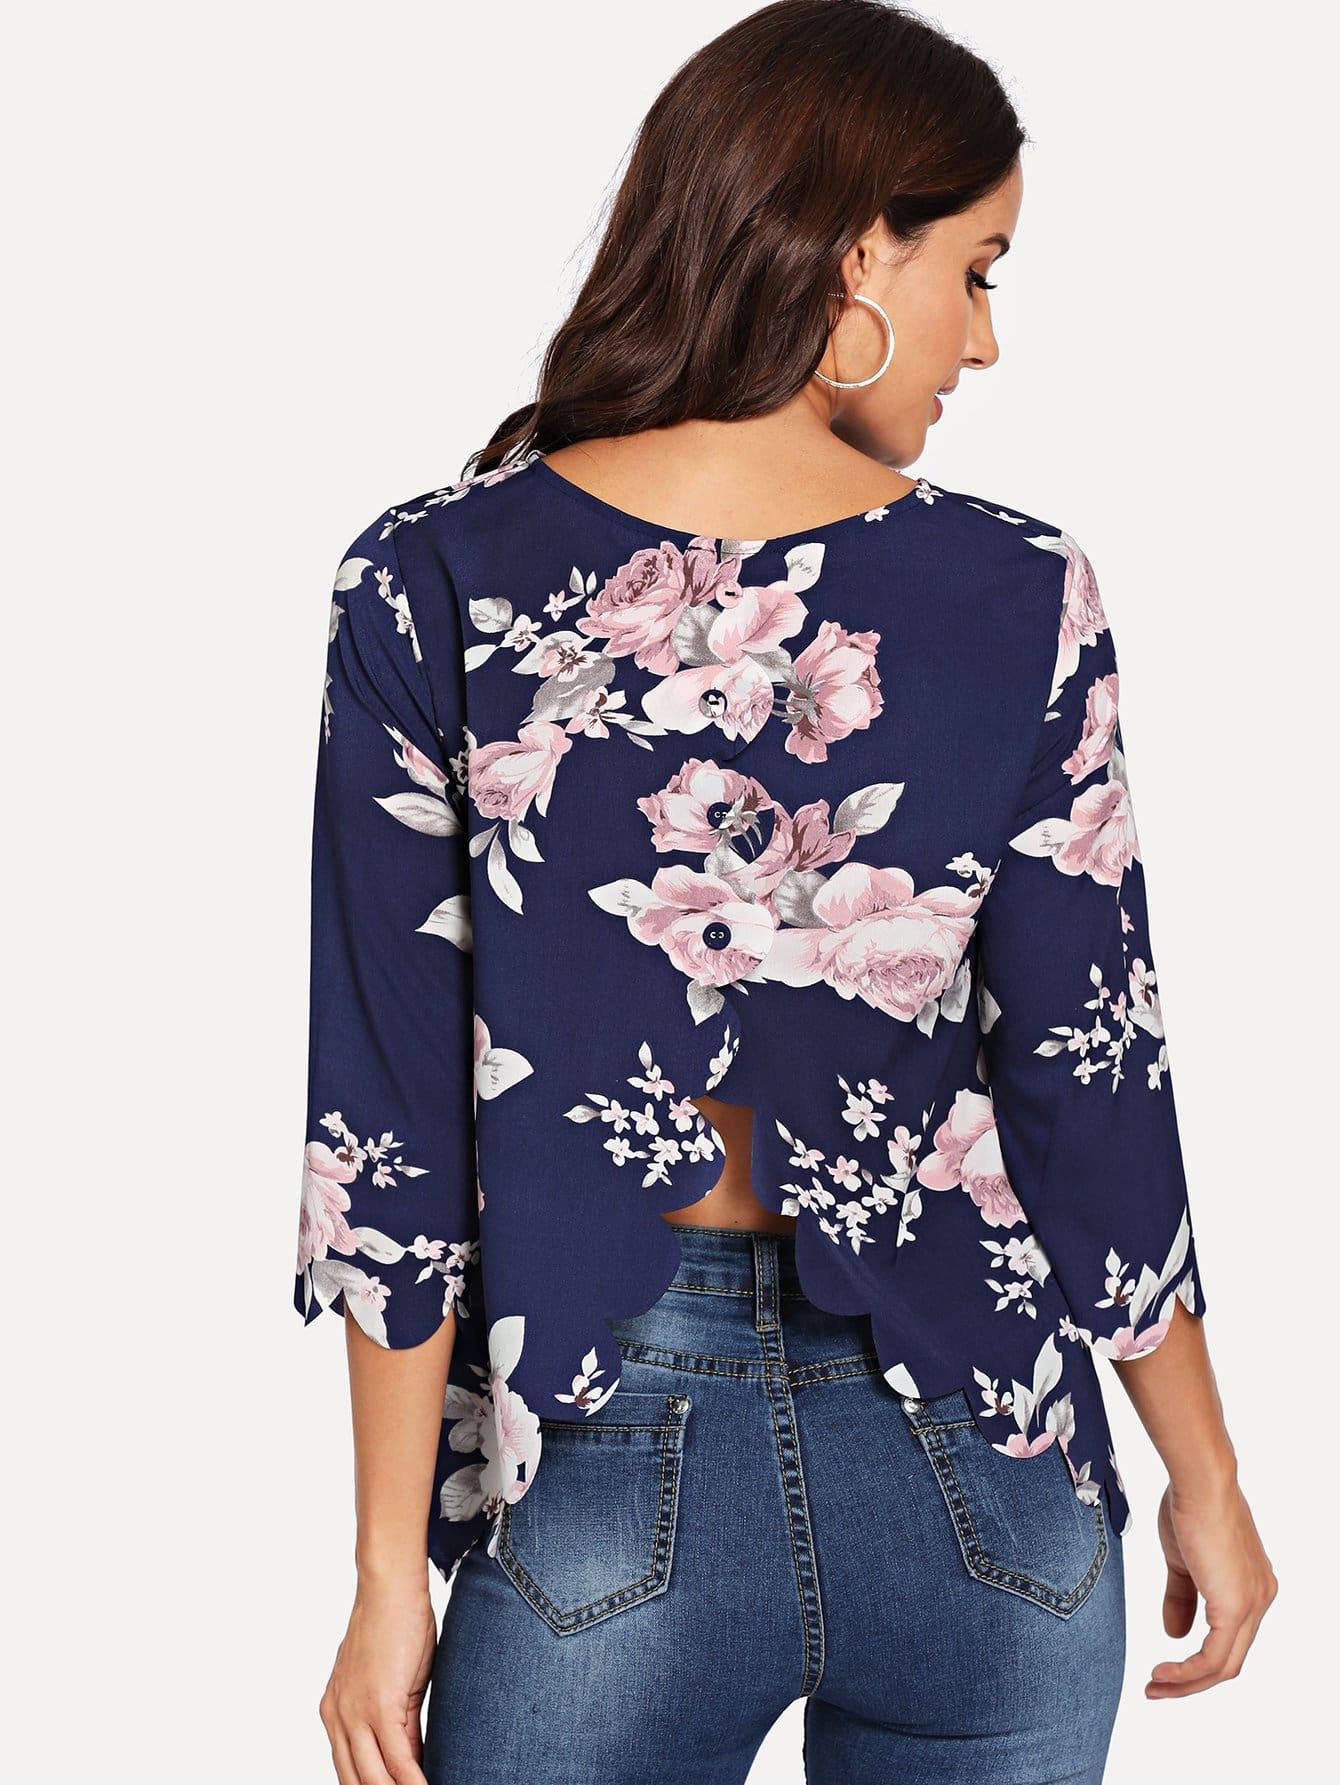 Купить Накрахмаленная рубашка с украшением веерообразных оборк и пуговиц, Juliana, SheIn